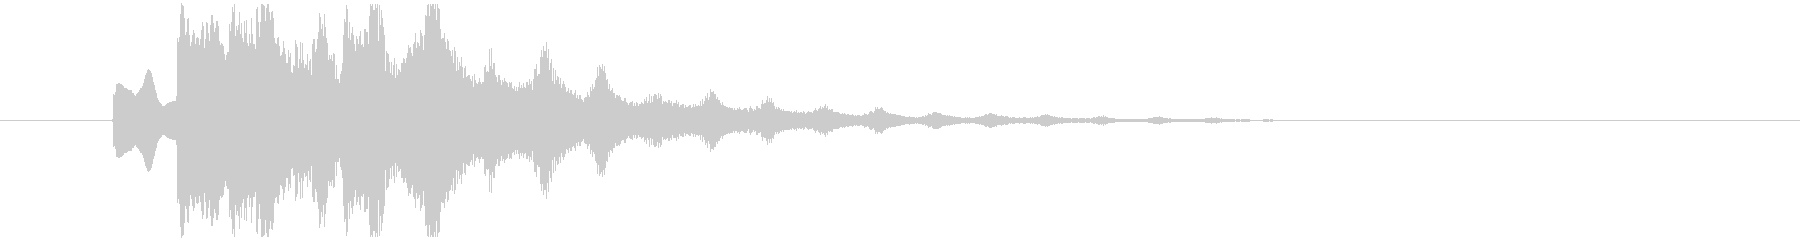 不気味なアルペジオ 11の未再生の波形